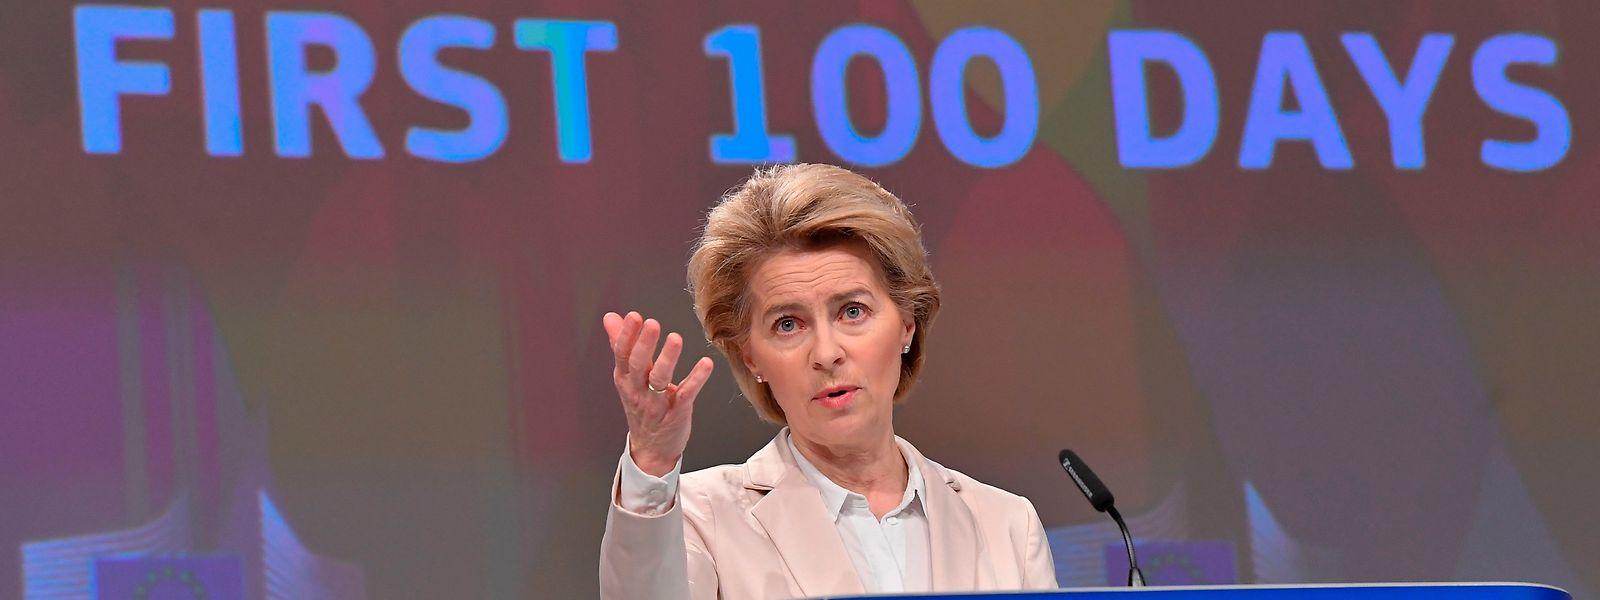 Von der Leyen kündigte einen neuen Vorschlag für europäisches Asylrecht an.